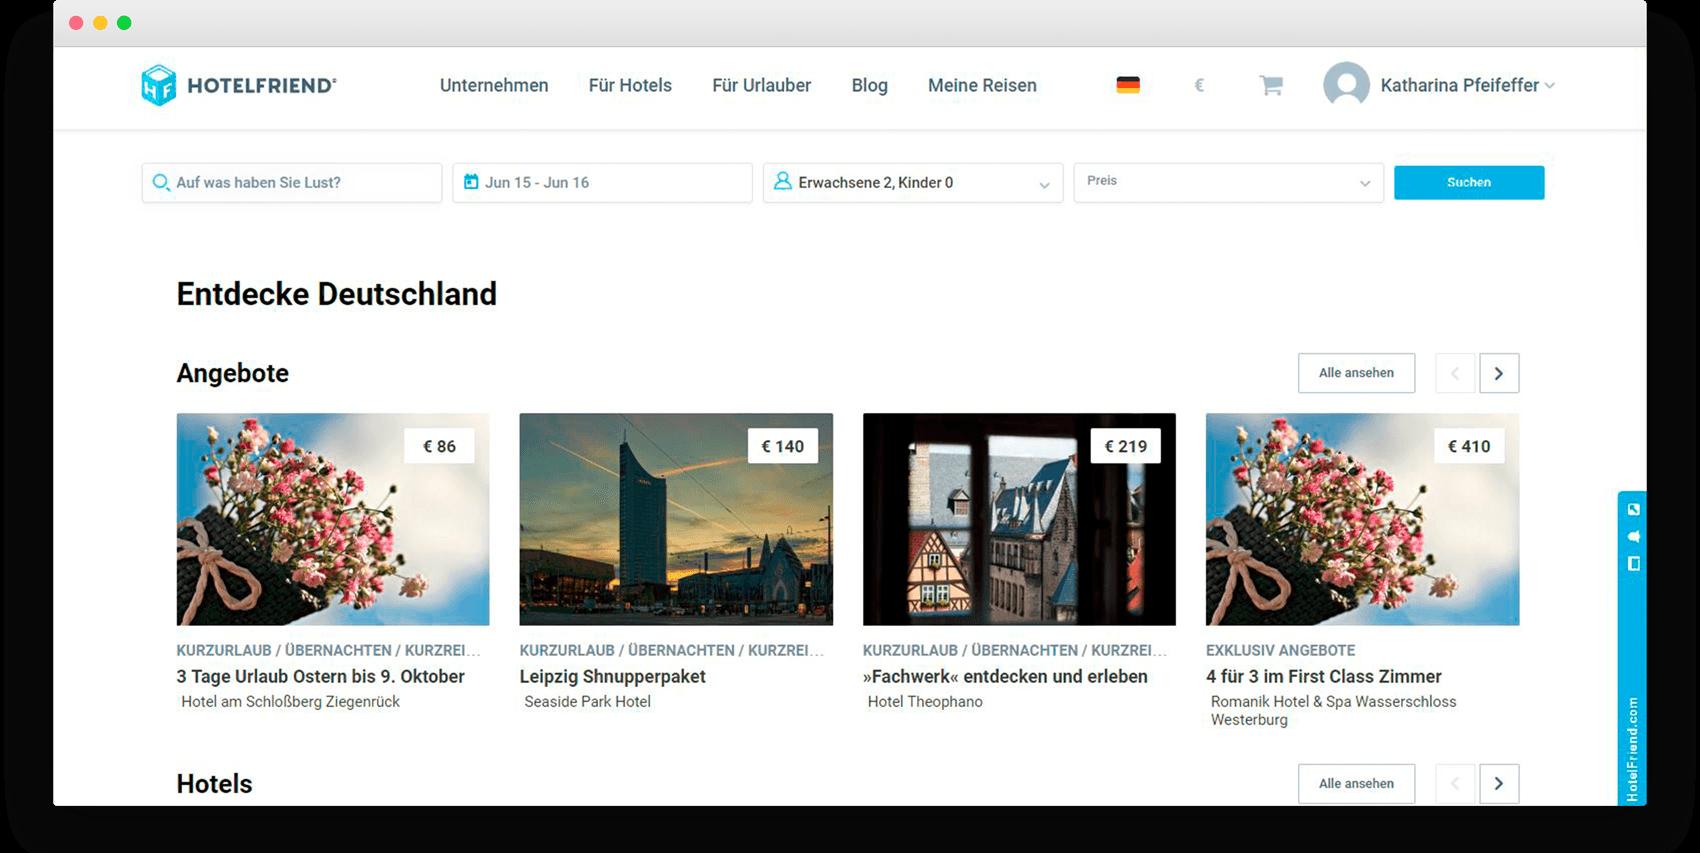 Neuen Seite Entdecke Deutschland